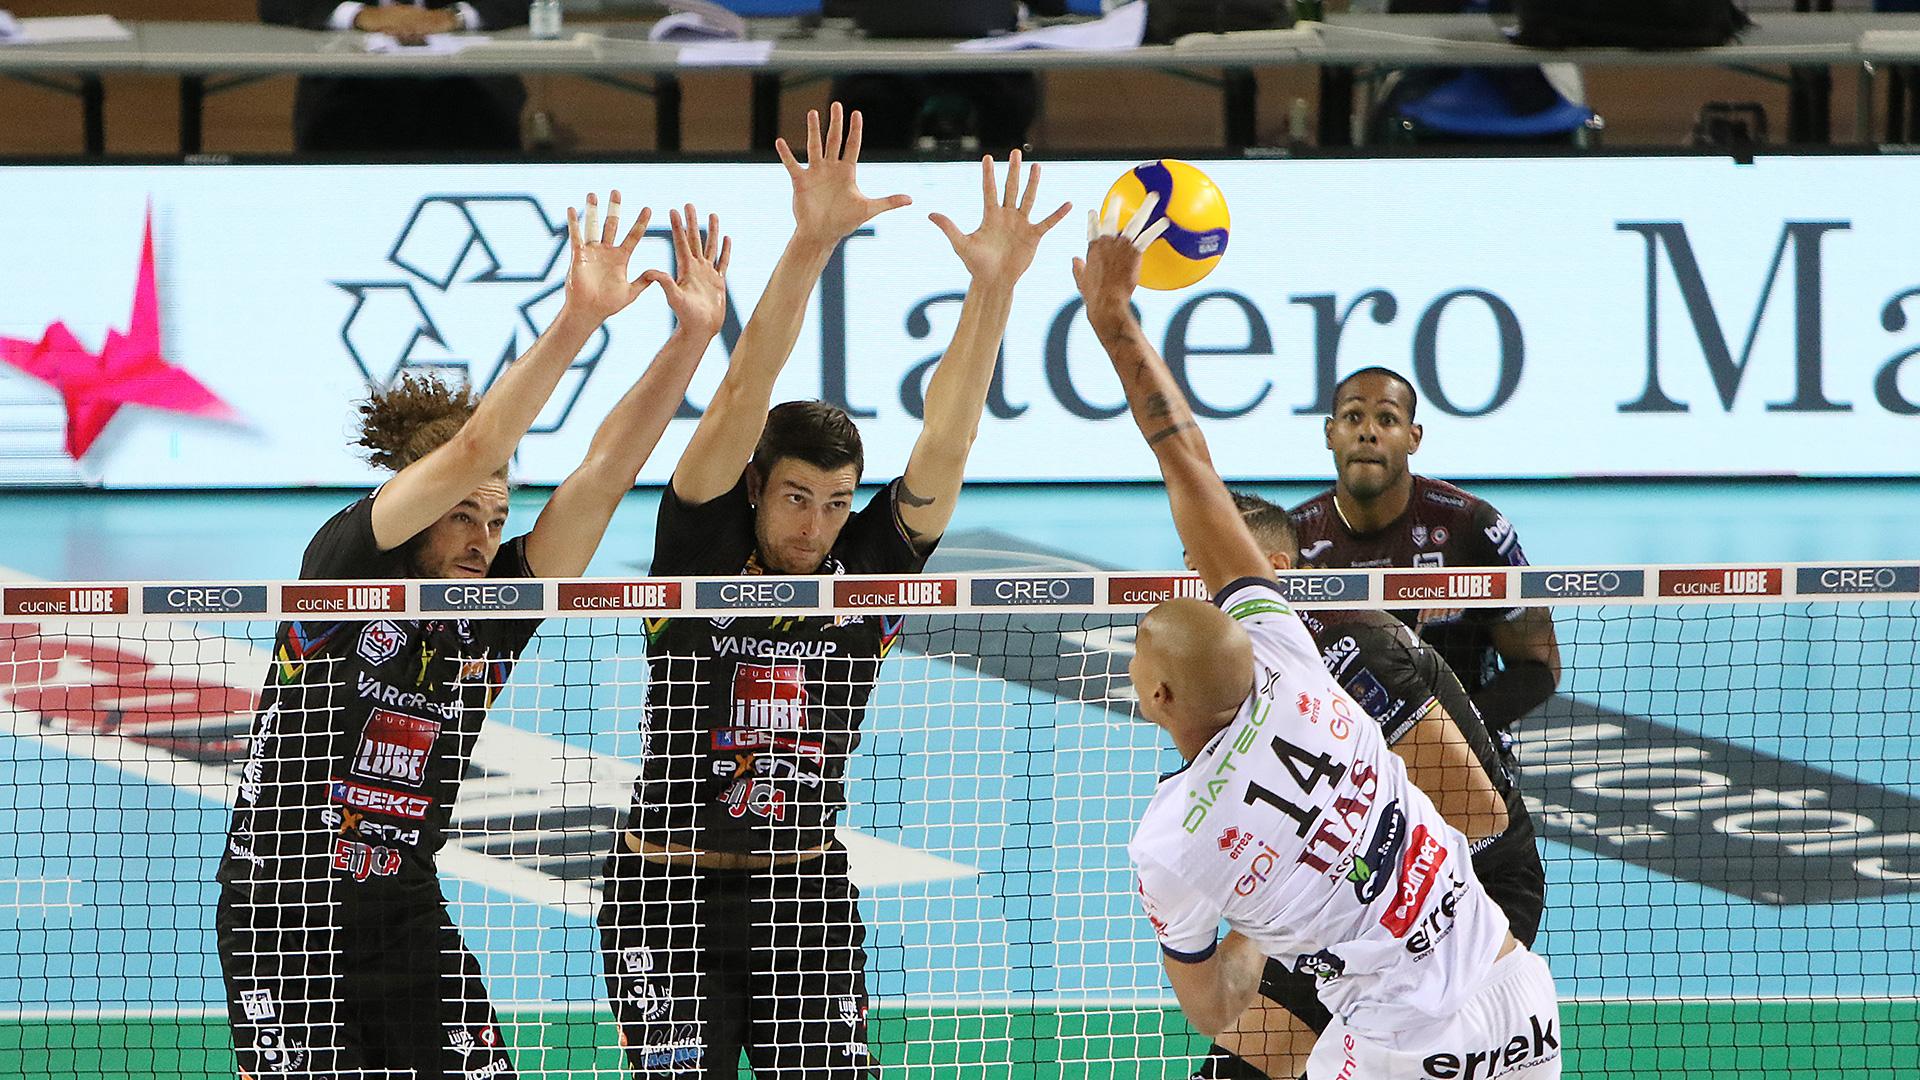 Lube-Itas Trentino 3-0, dominata la super sfida della giornata